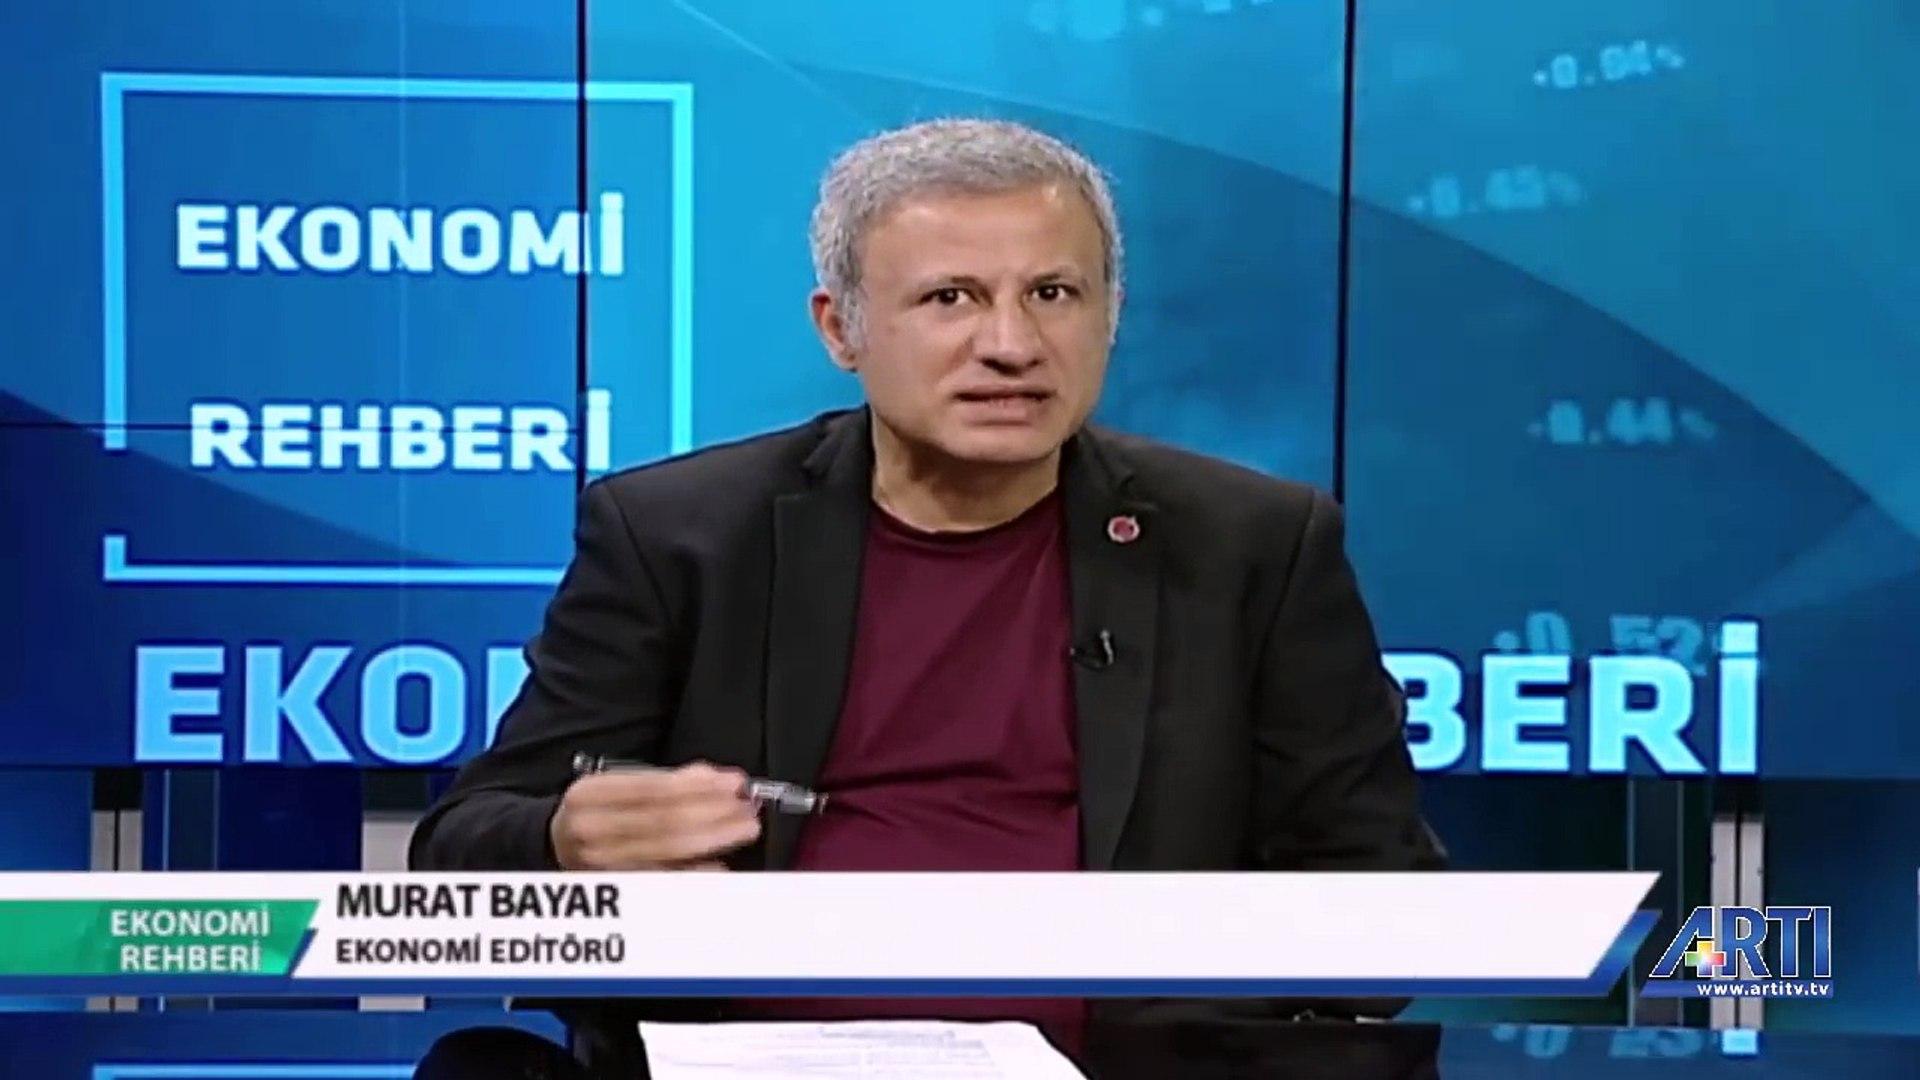 Ekonomi Rehberi Murat Bayar- Erol Mütercimler- 13 Ağustos 2018